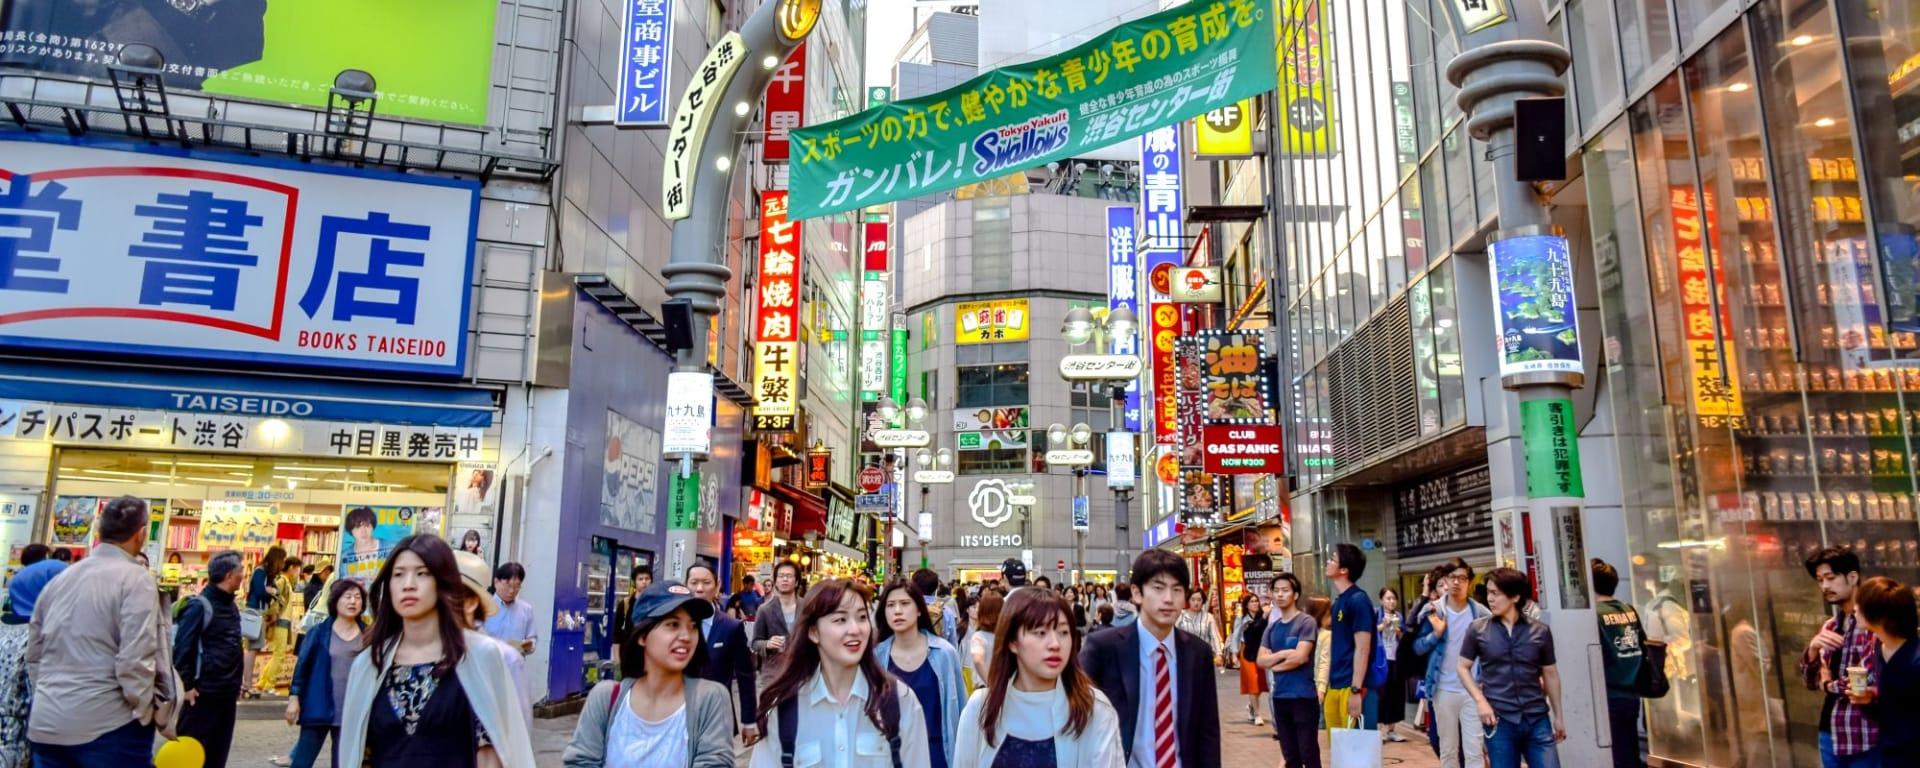 Wissenswertes zu Japan Reisen und Ferien: Tokyo Shibuya